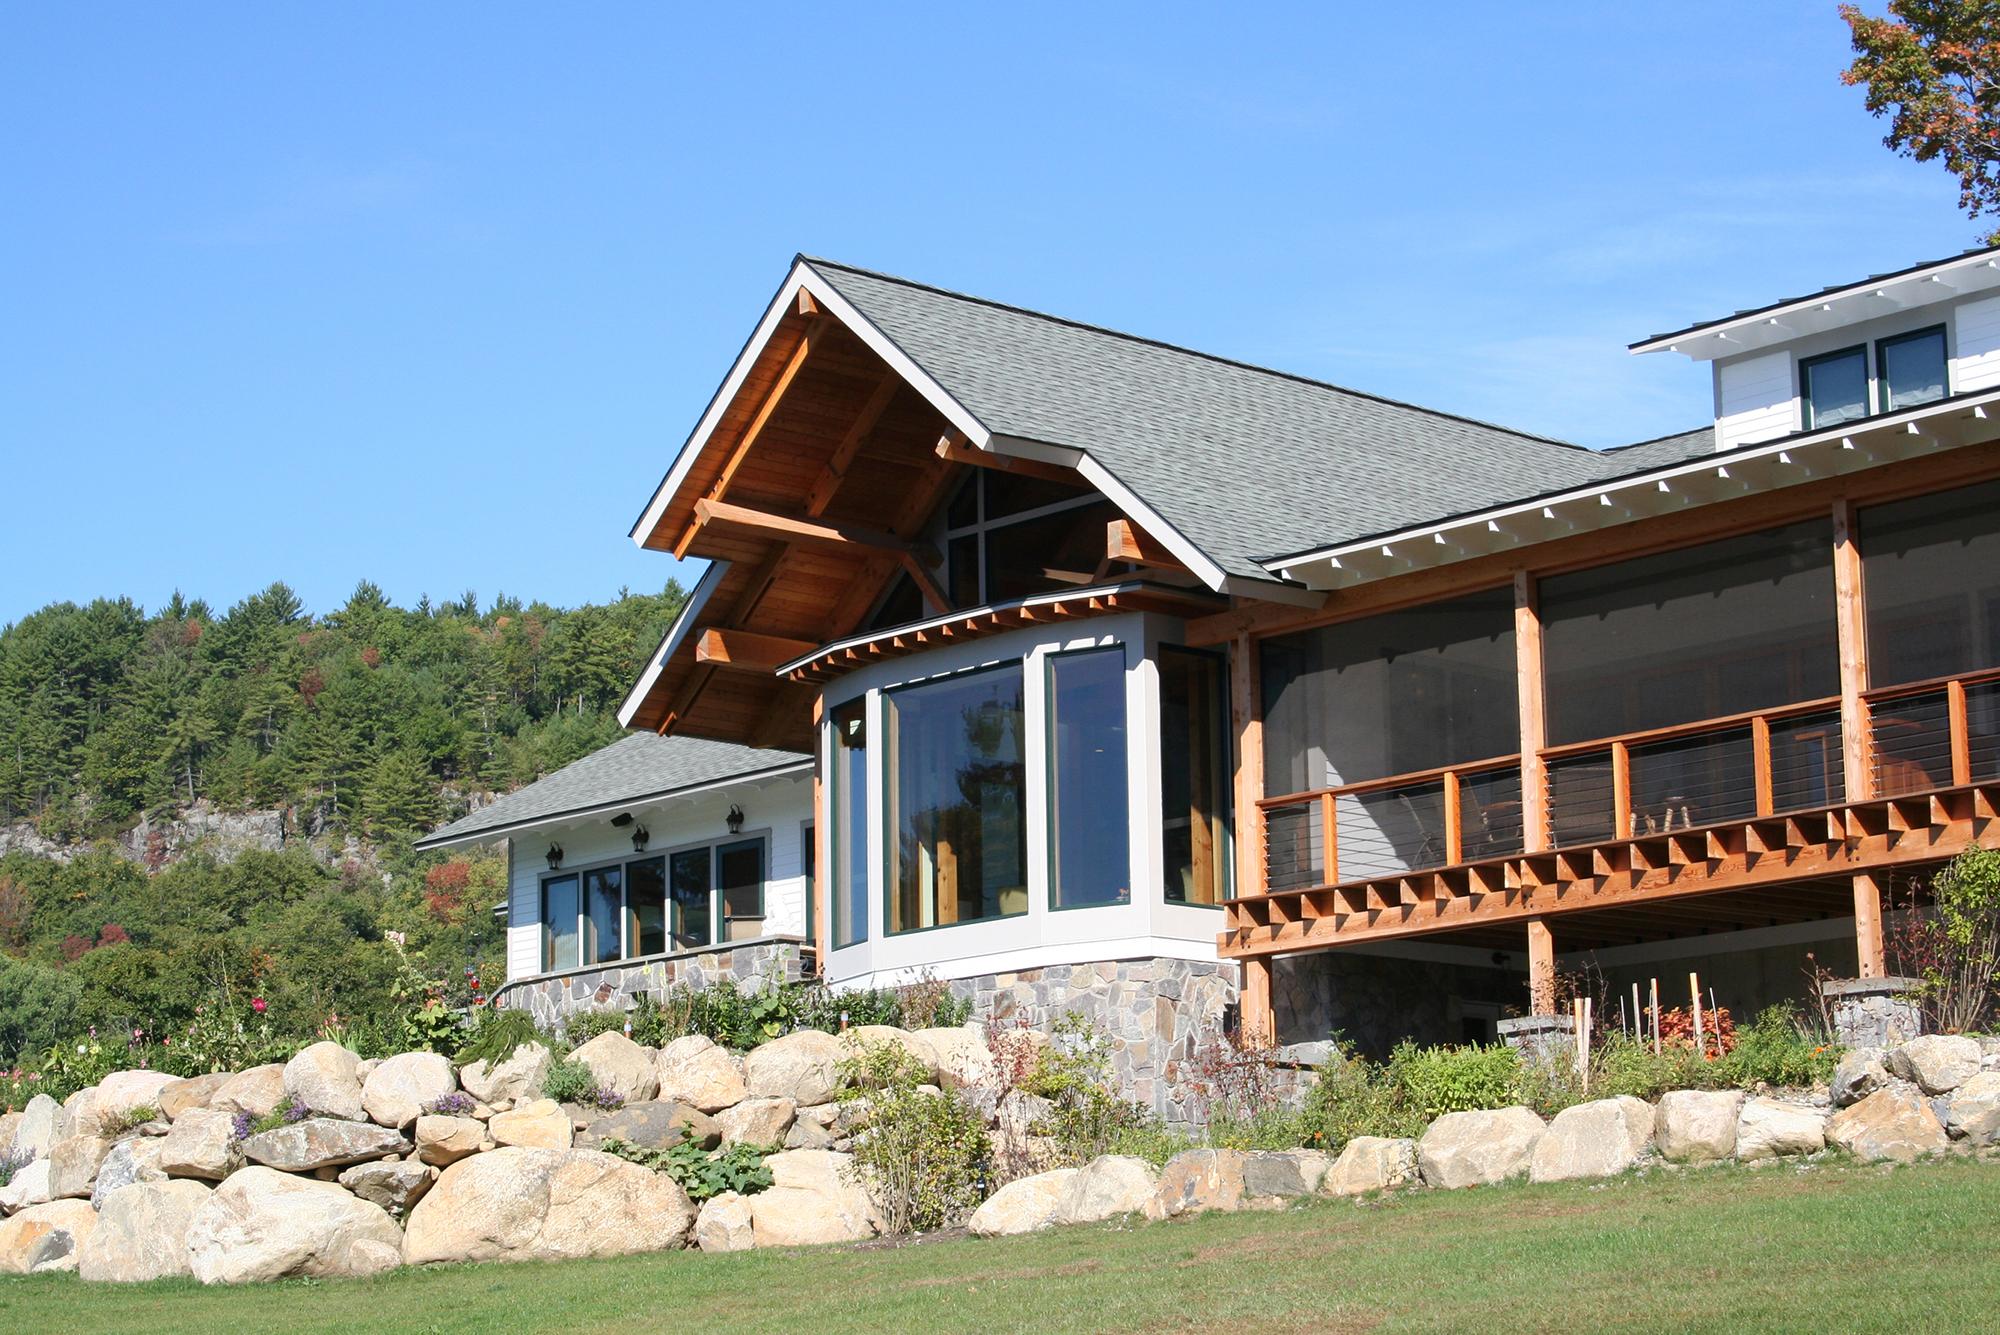 Brant Lake Architectural Design